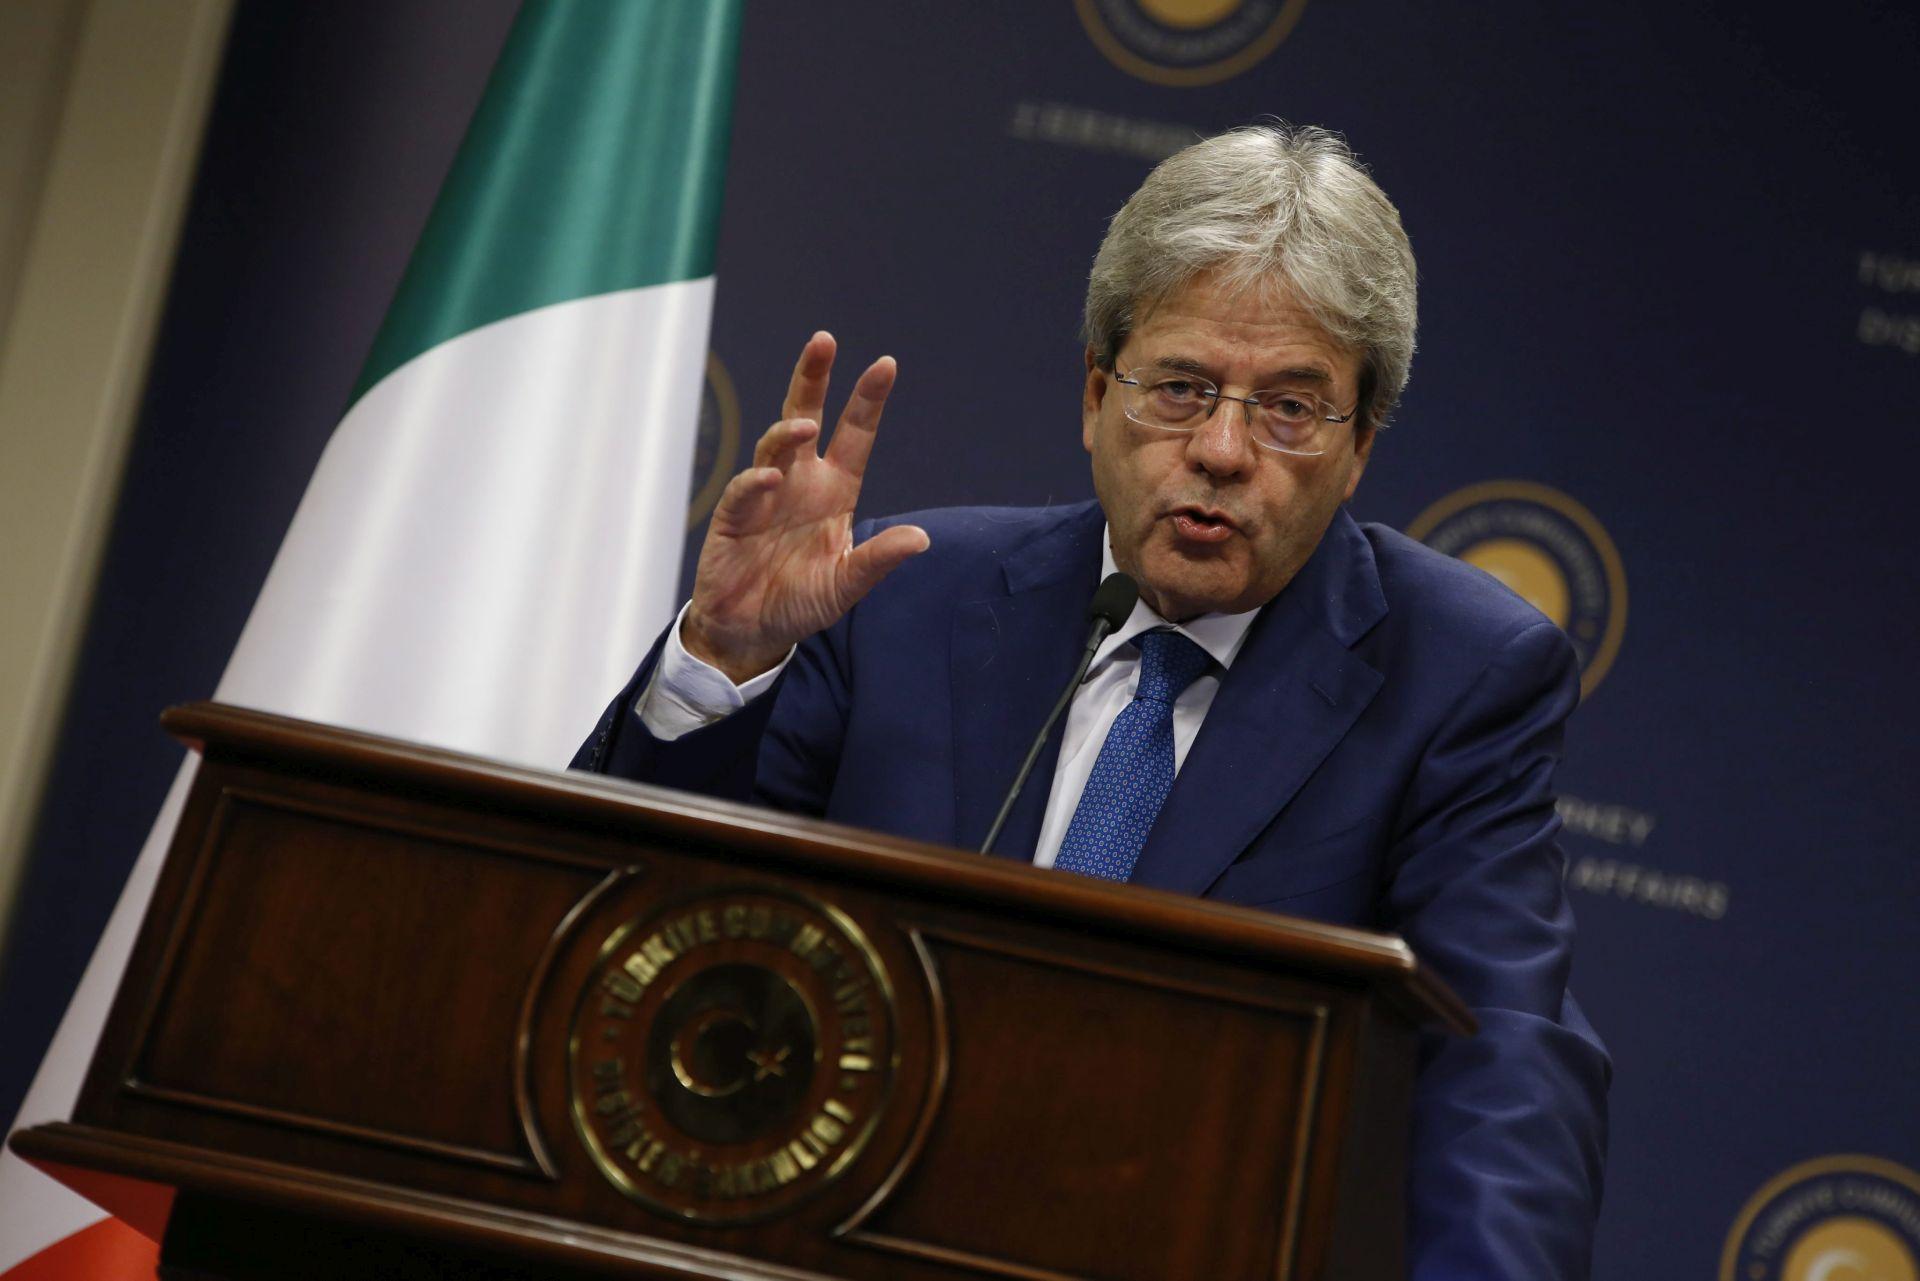 JAČANJE OBRANE: Italija šalje 140 vojnika u misiju NATO-a u Latviji